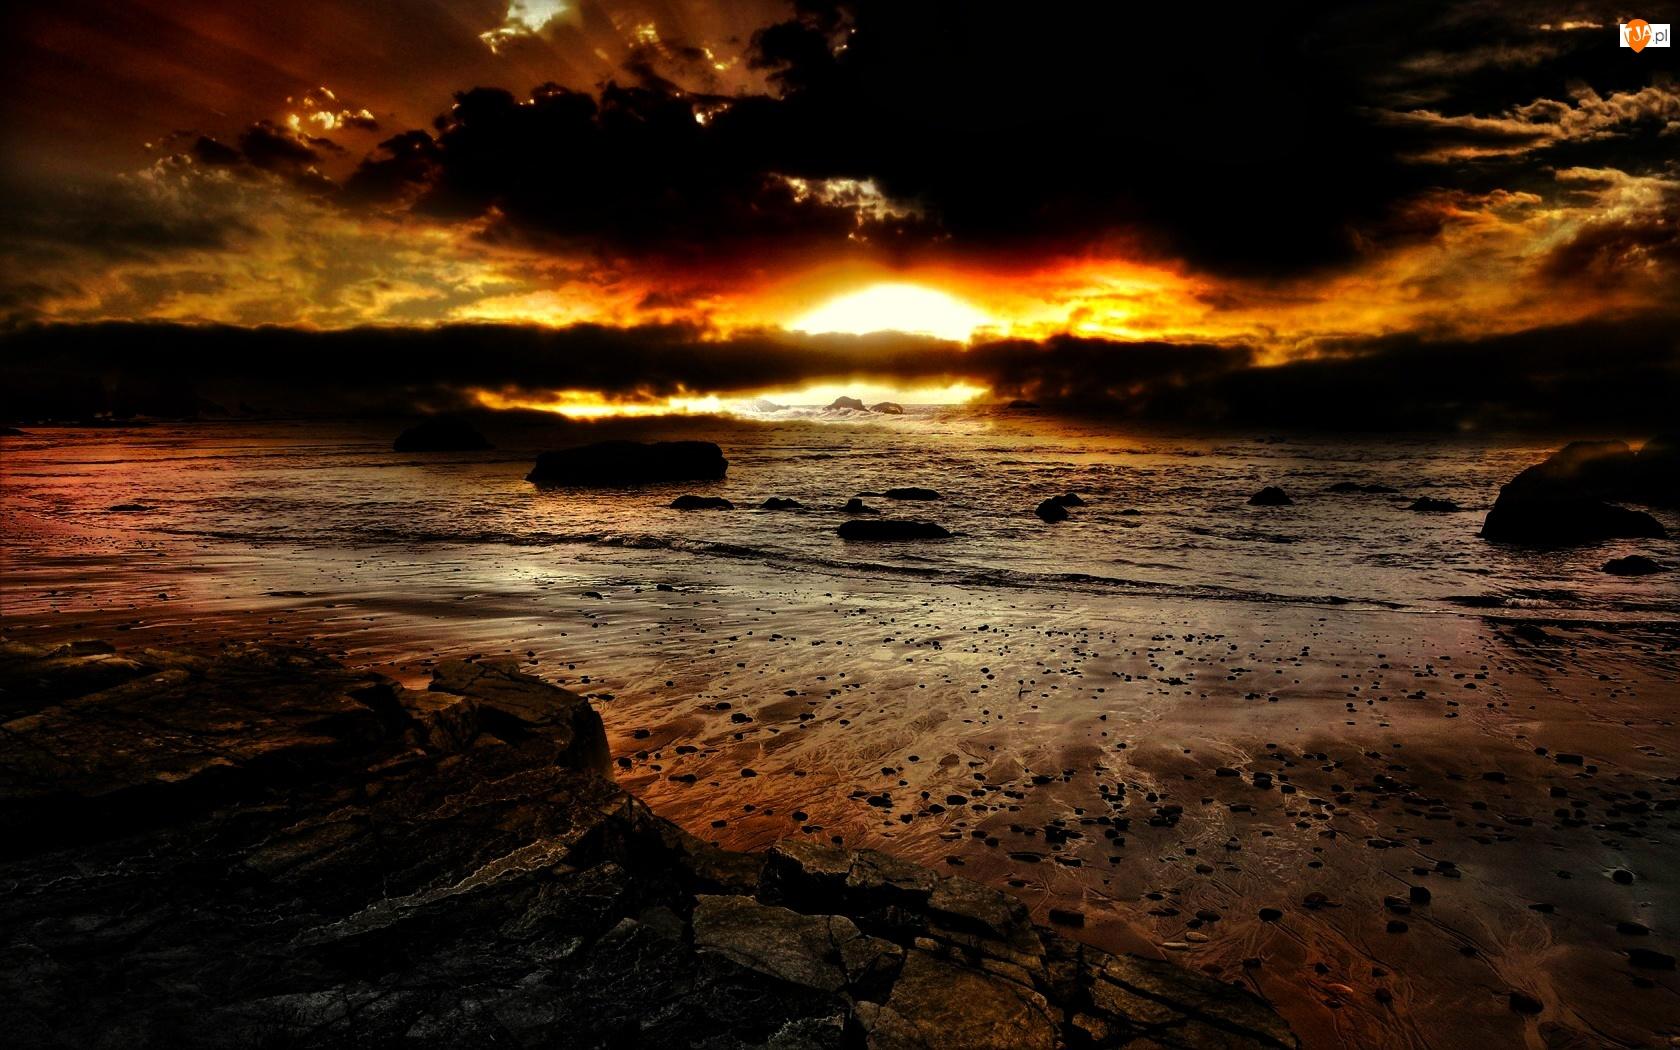 Kamienie, Zachód, Morze, Słońca, Plaża